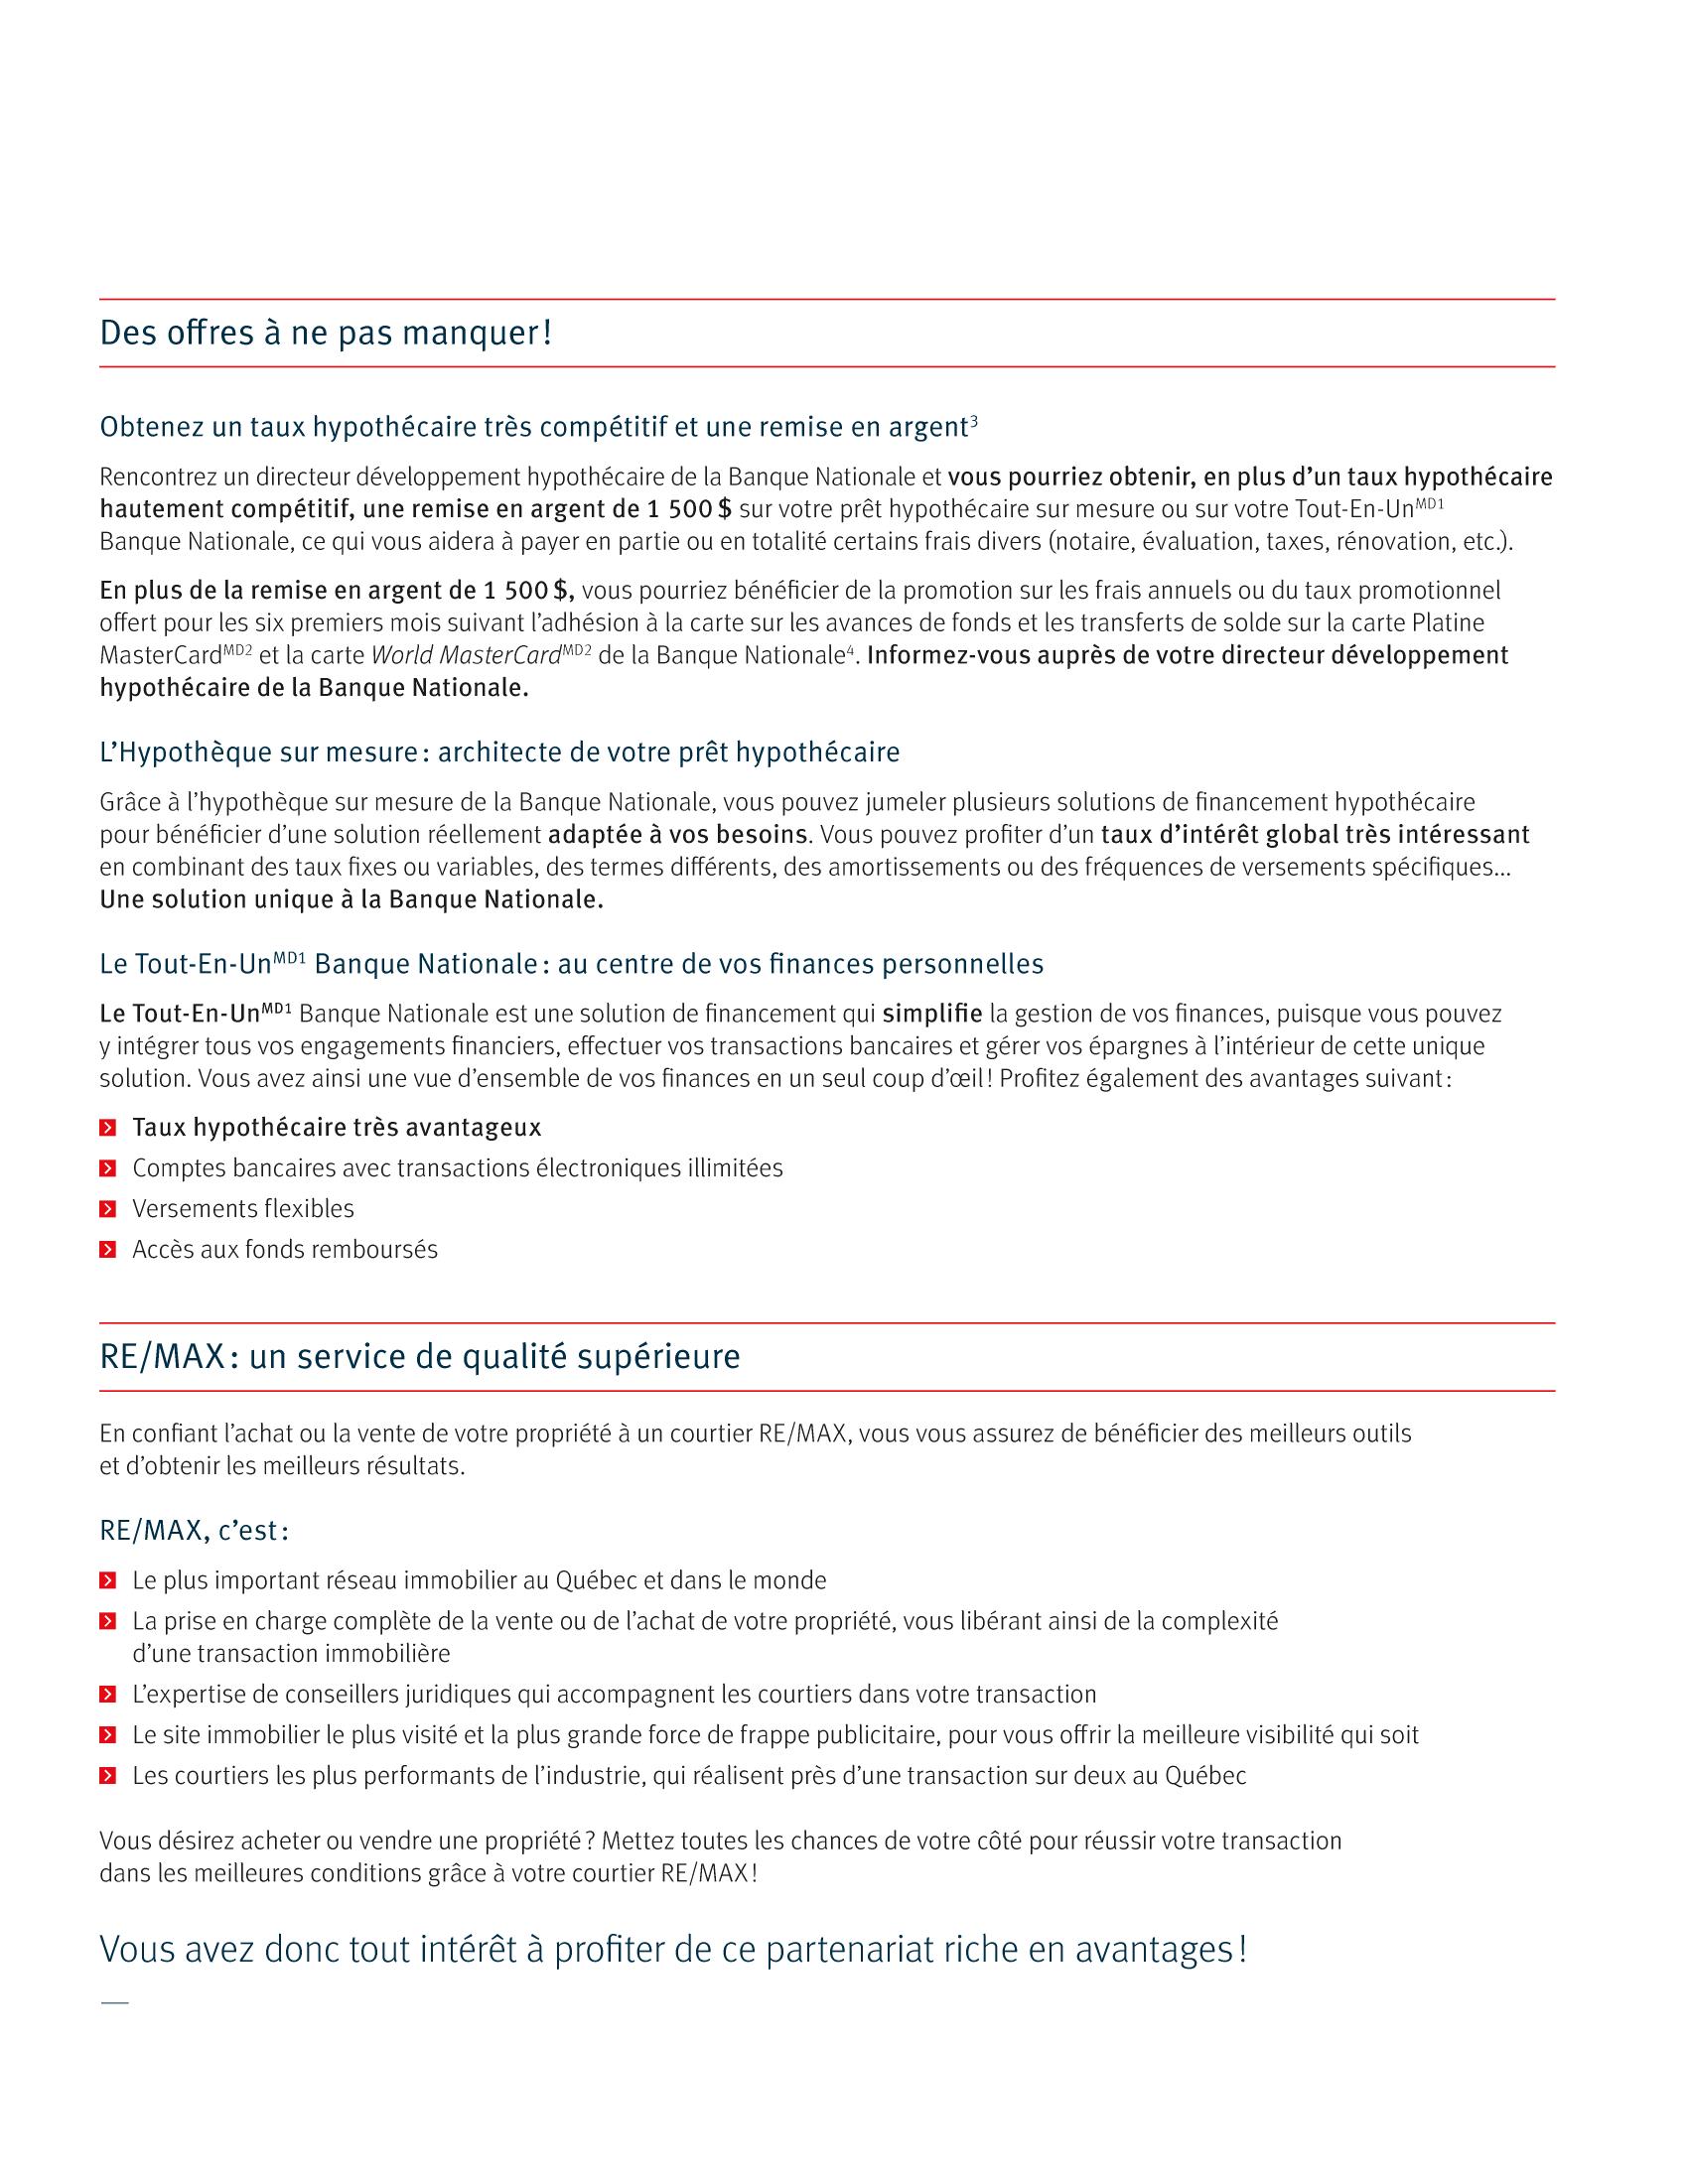 3 | Dépliant « Un partenariat riche en avantages » - RE/MAX